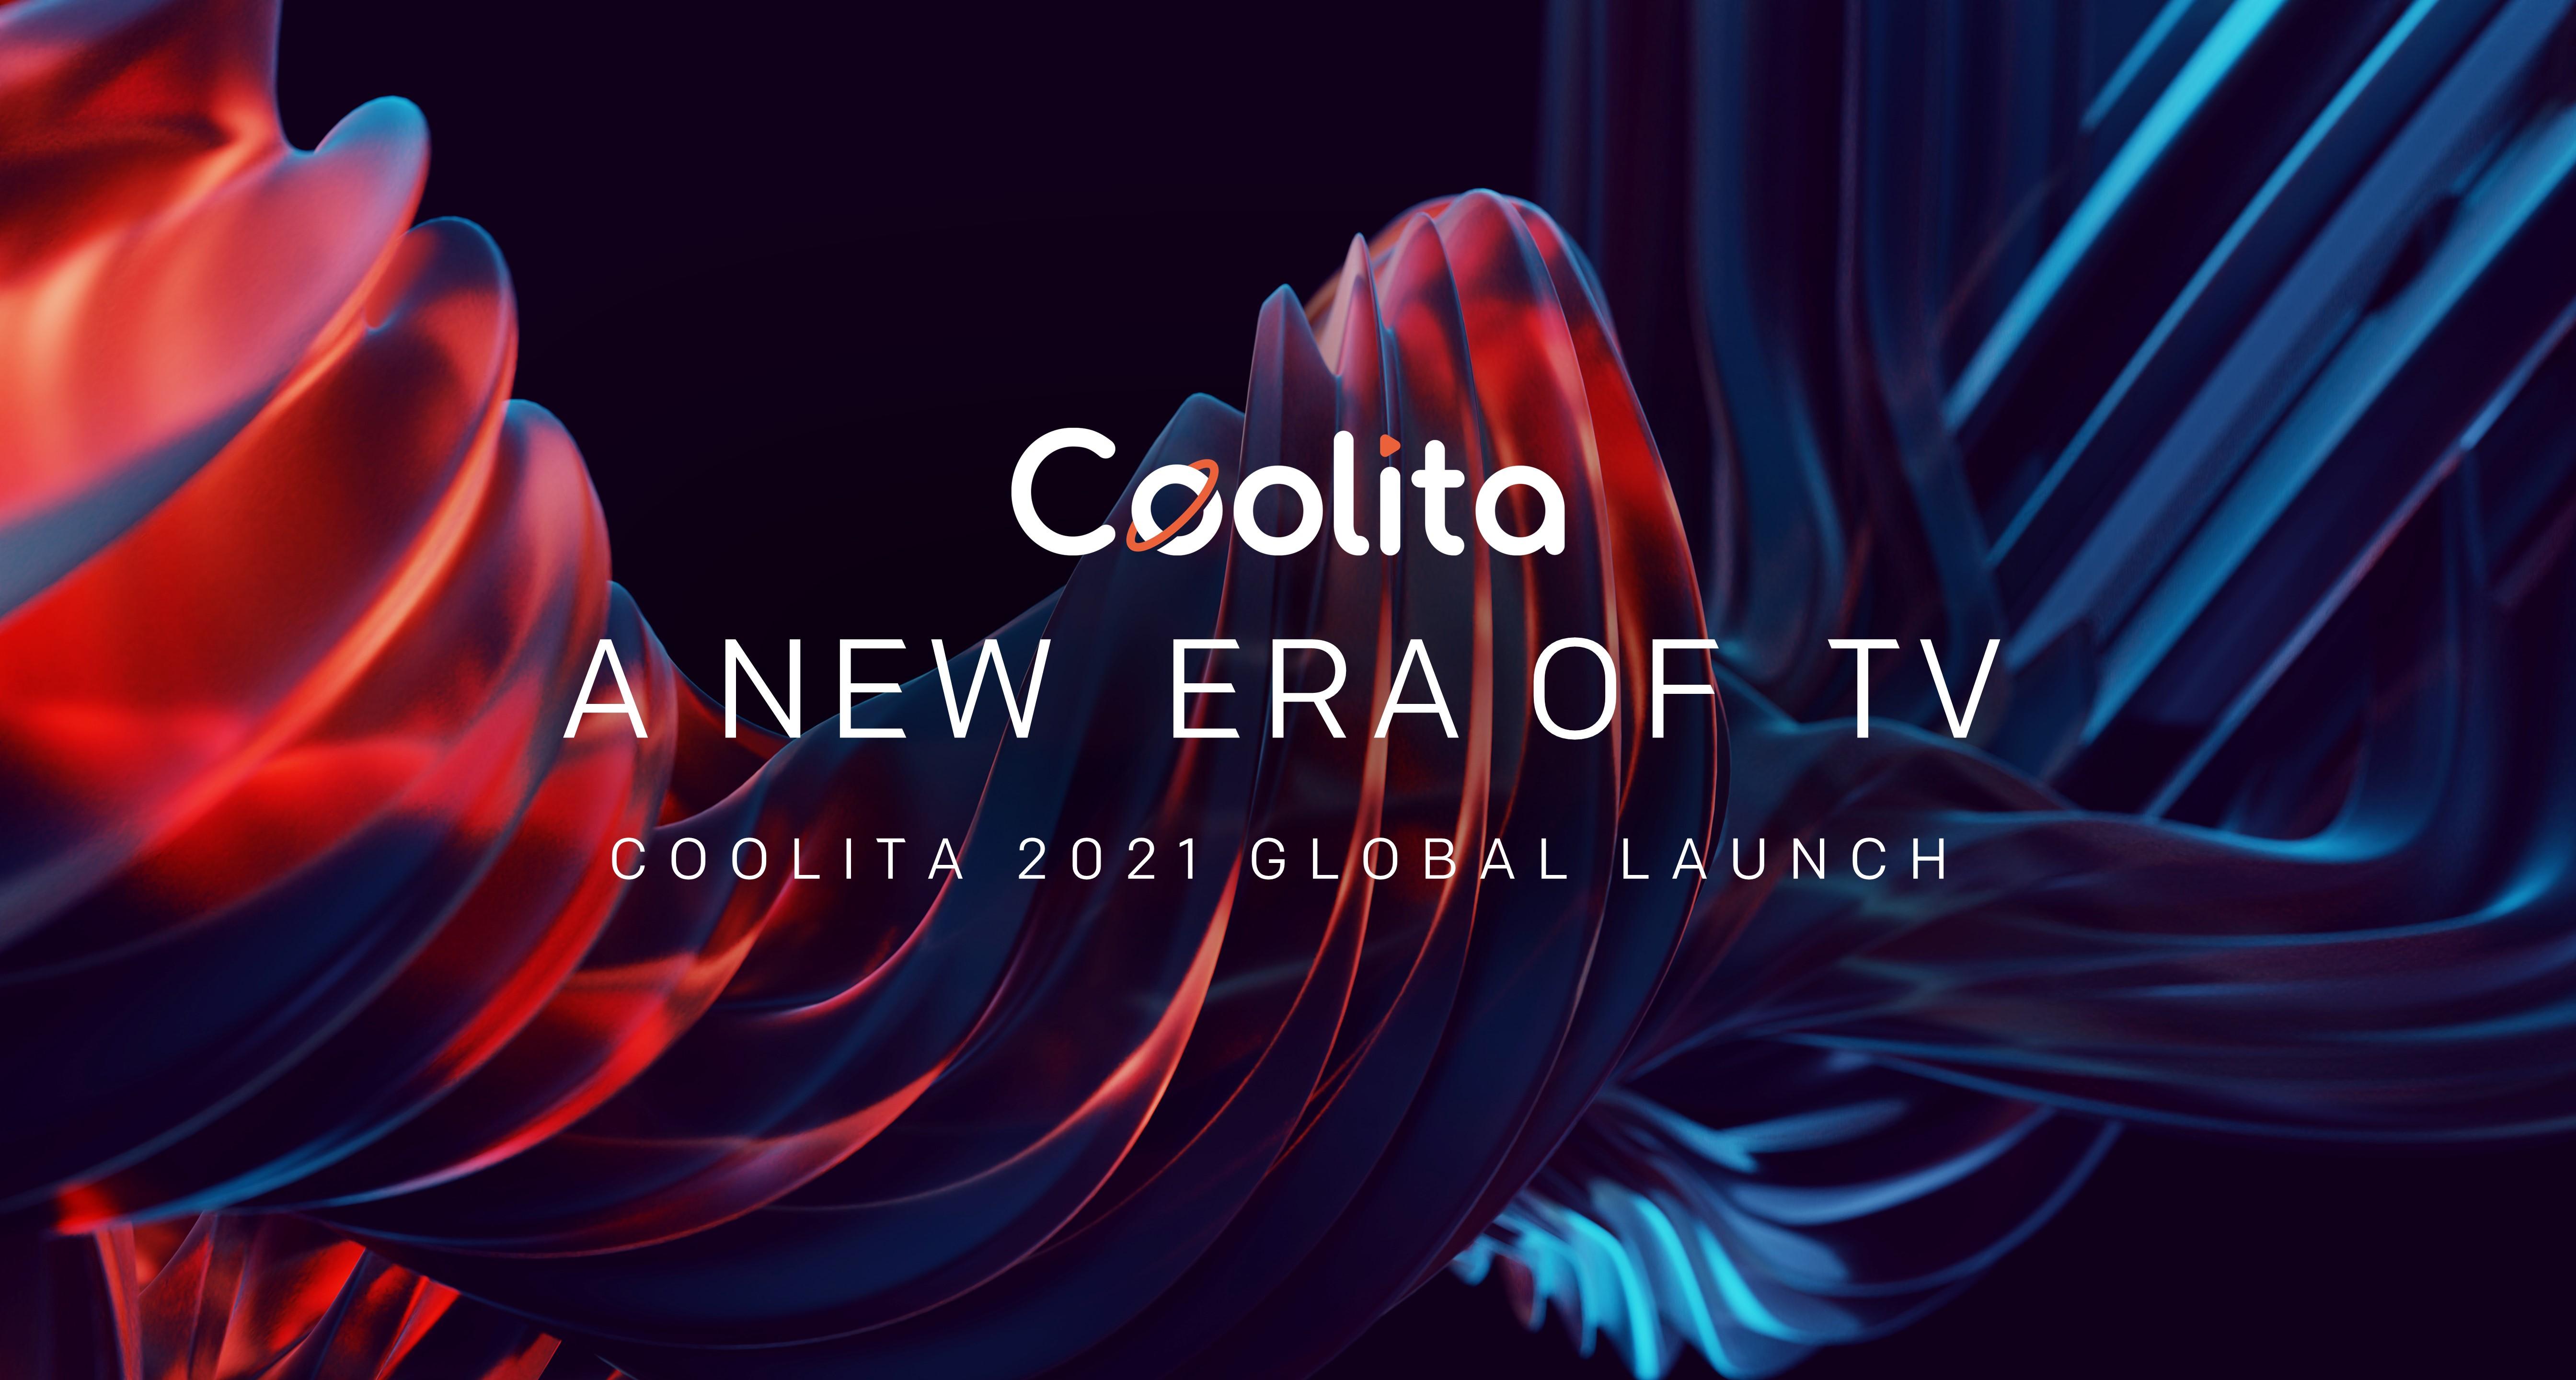 创维面向东南亚发布全新智能电视系统CoolitaOS